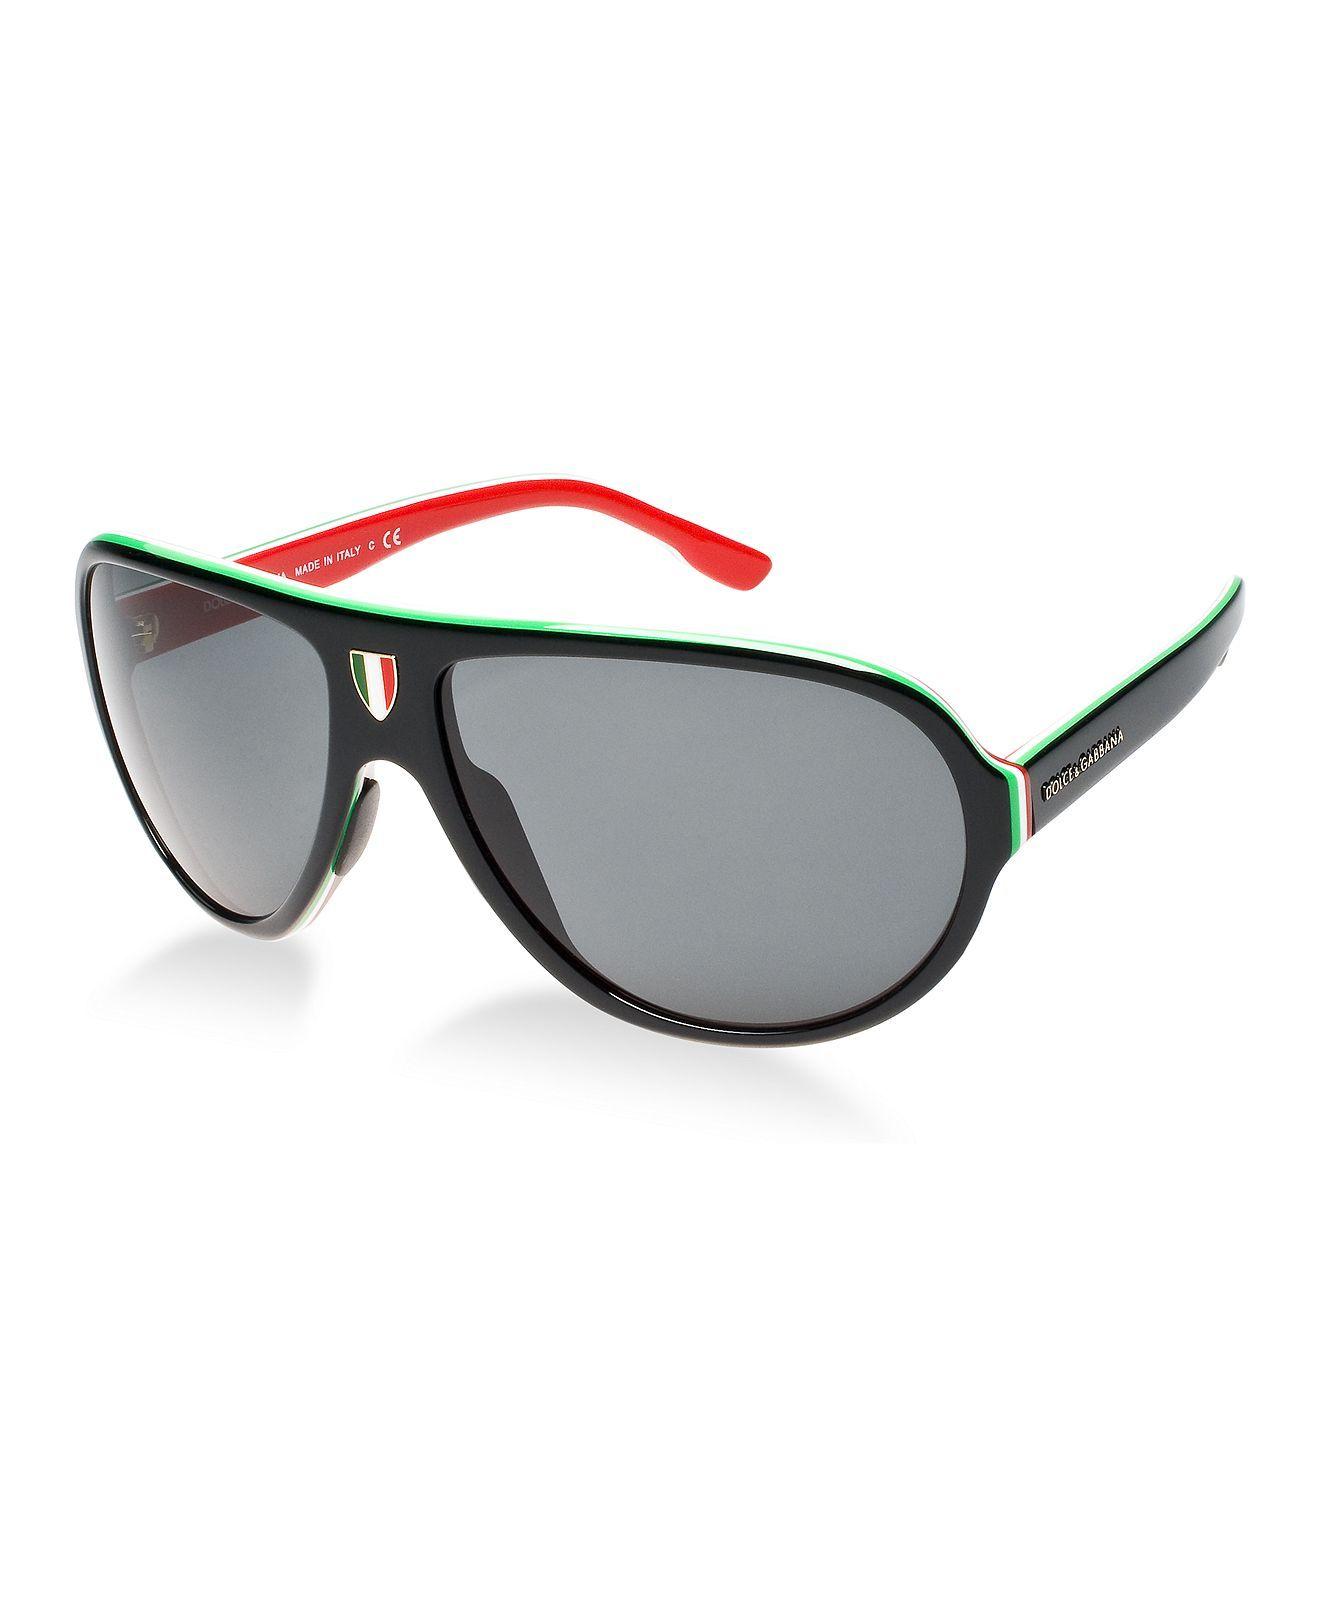 774889b04091 Dolce   Gabbana Sunglasses